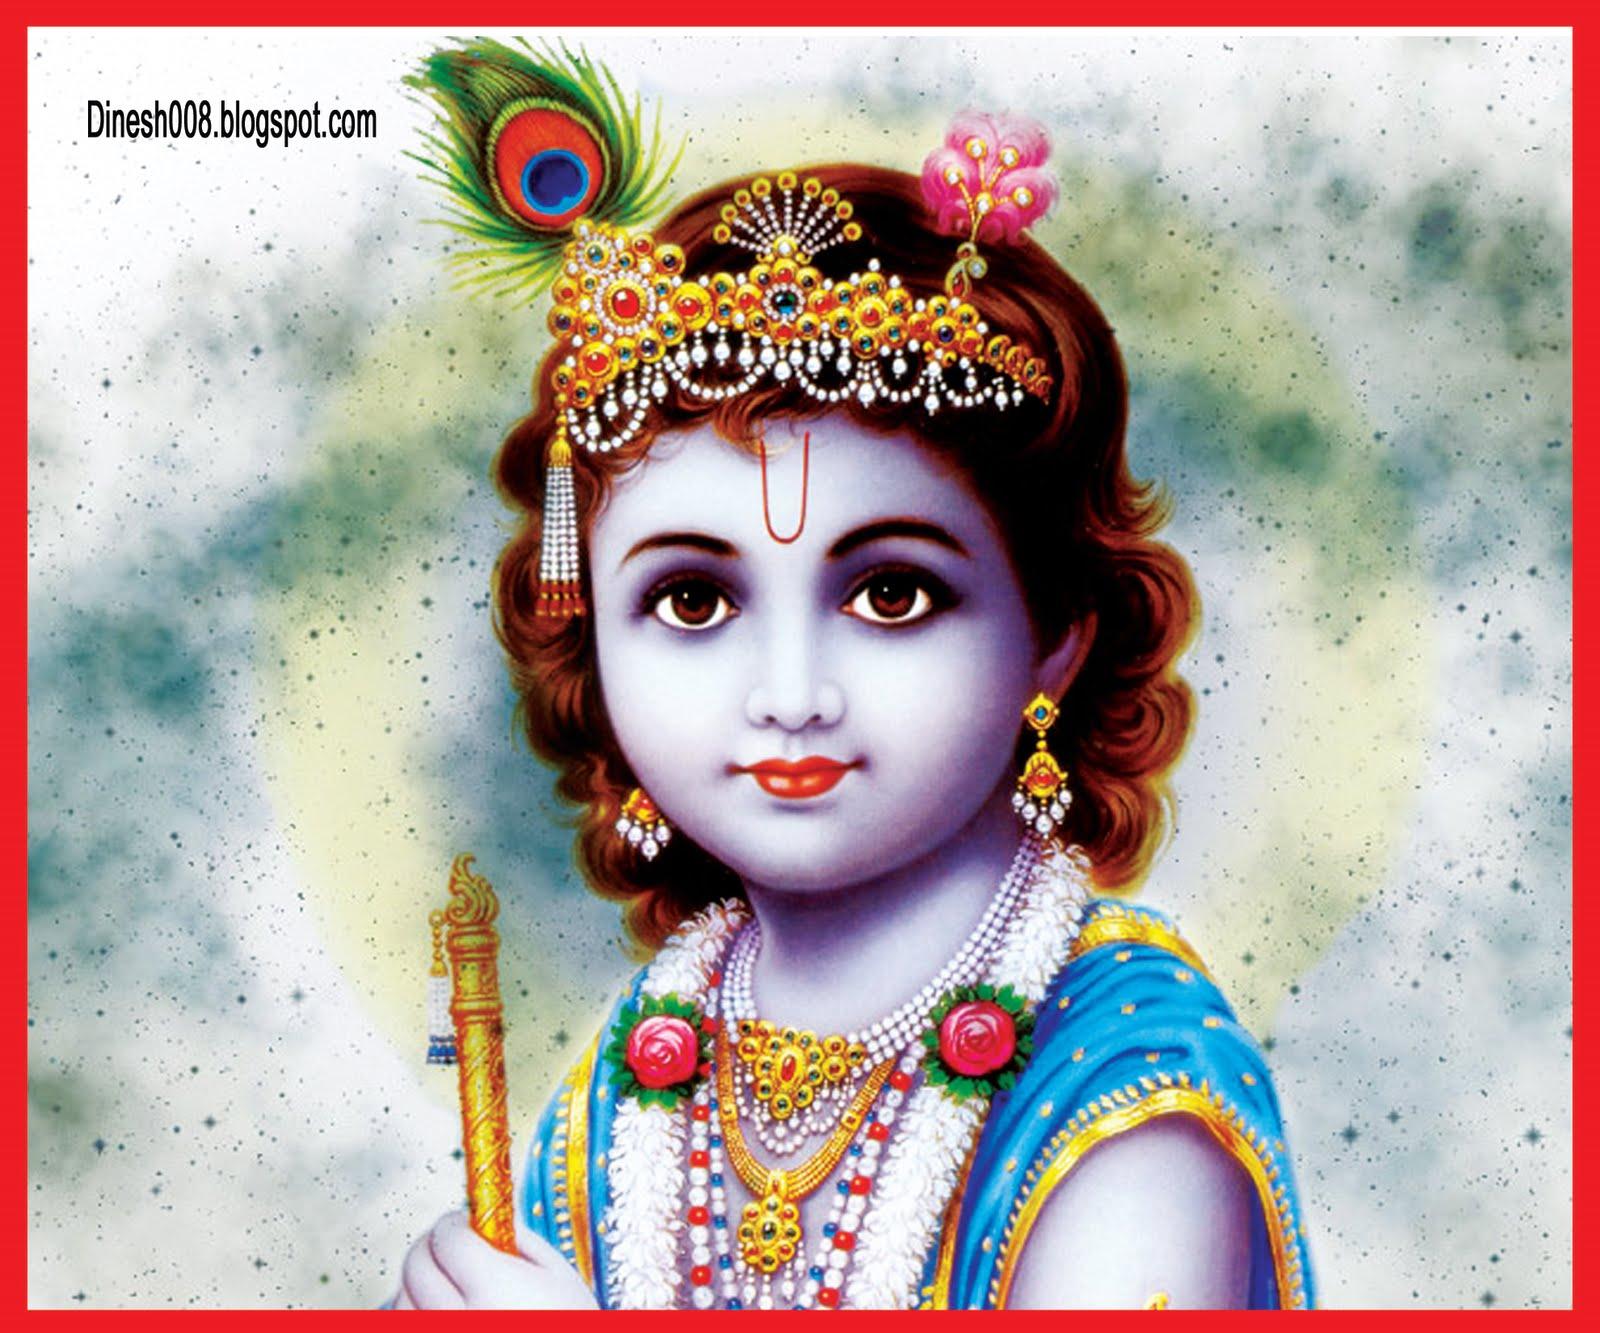 http://1.bp.blogspot.com/_BeH_6lXnA_E/TInAHgvn6zI/AAAAAAAAAQA/Jd-8b81xzSY/s1600/Krishna.jpg